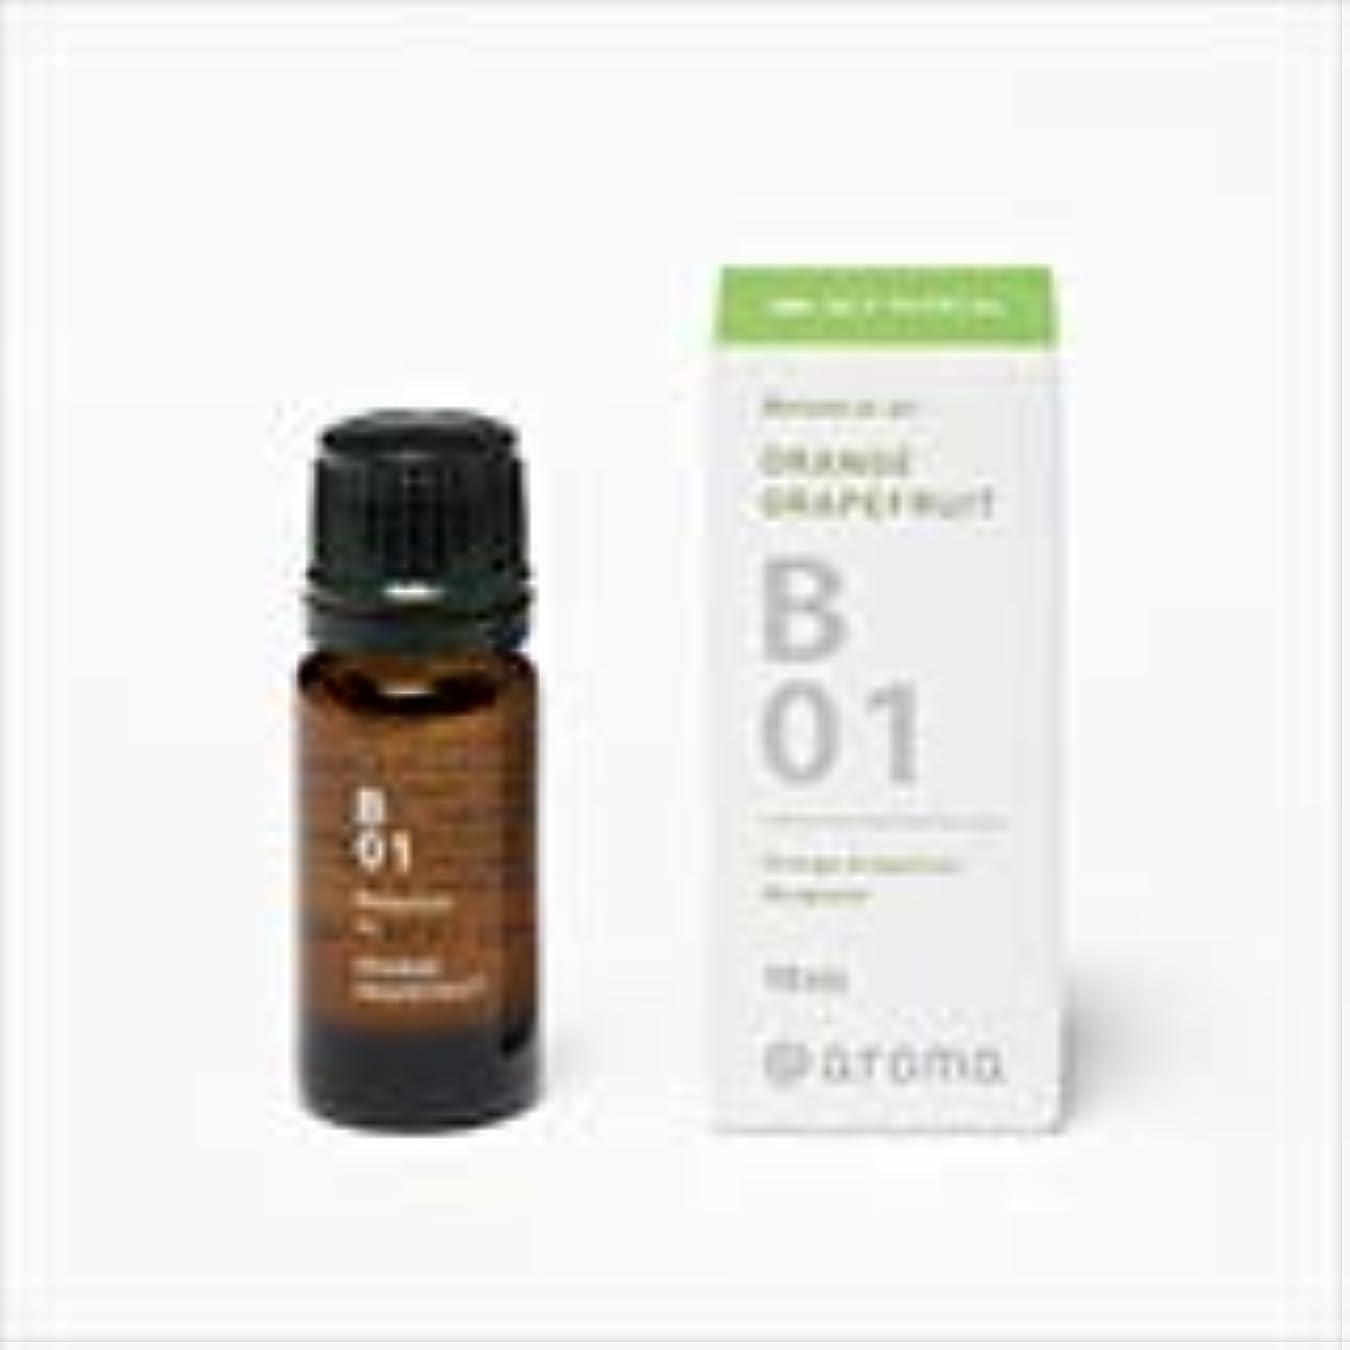 ピクニックをする新しい意味大きさアットアロマ 100%pure essential oil <Botanical air ラベンダーミント>